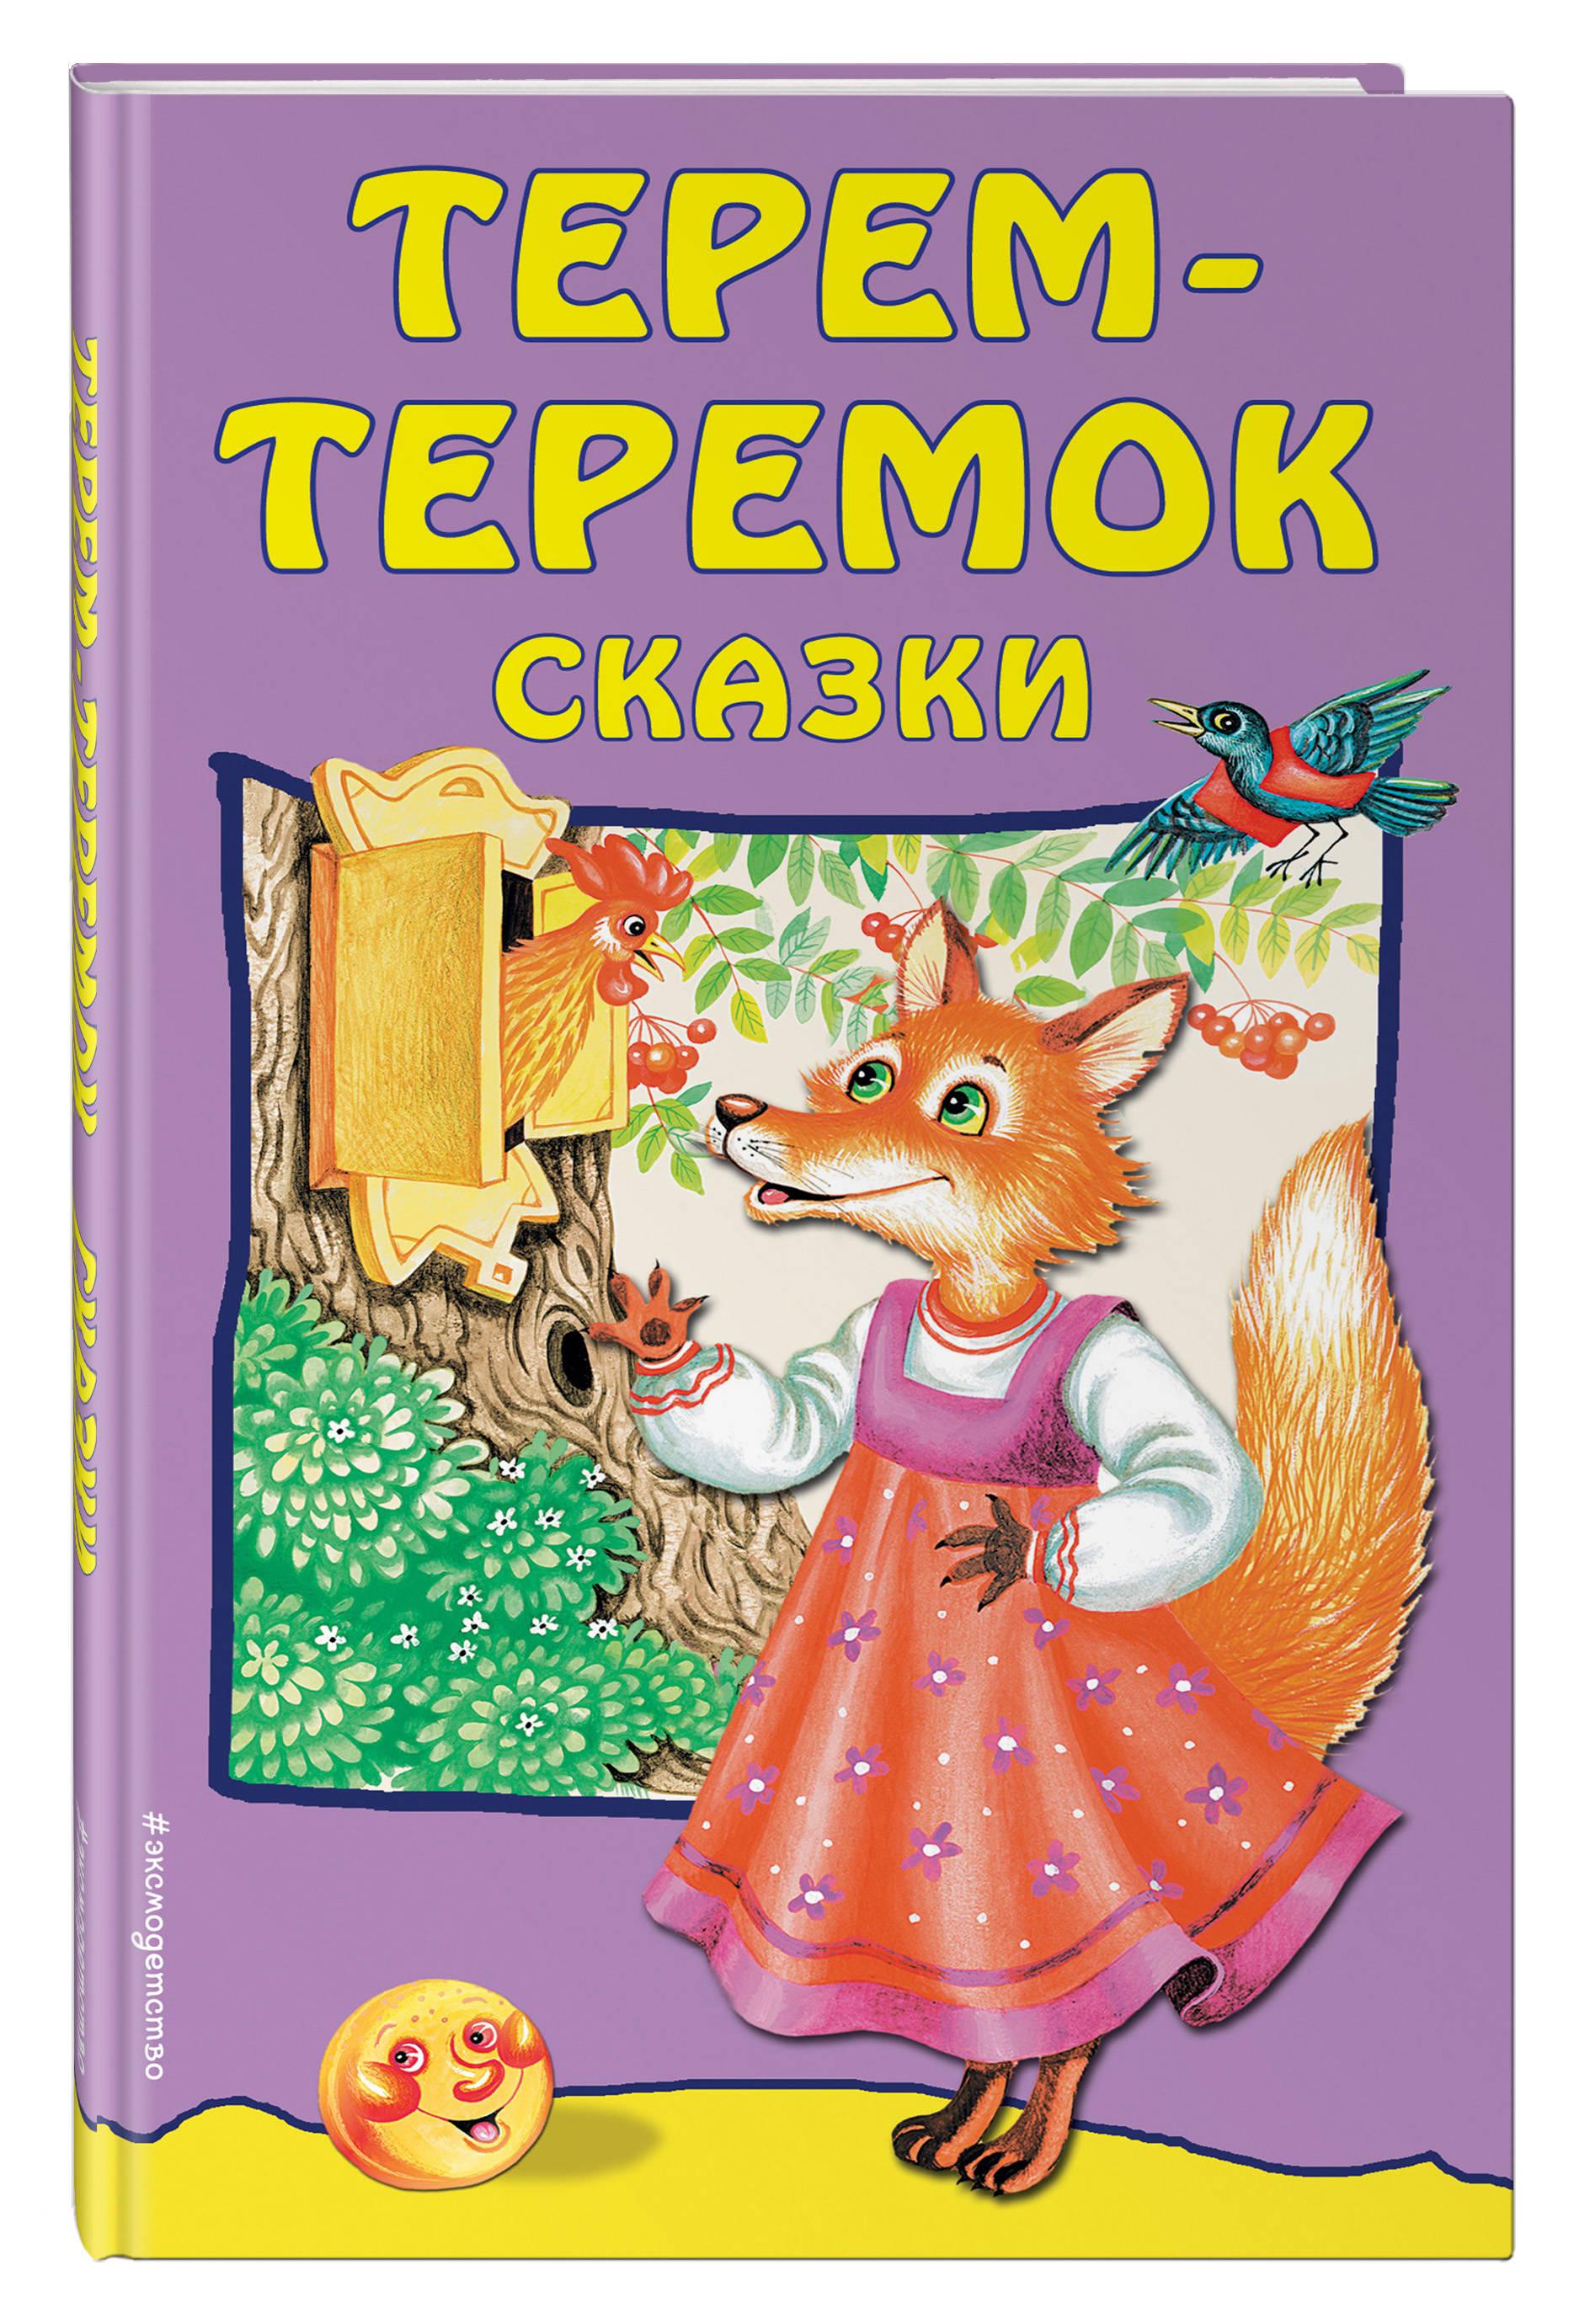 Терем-теремок: сказки литвинова м худож три медведя русские сказки